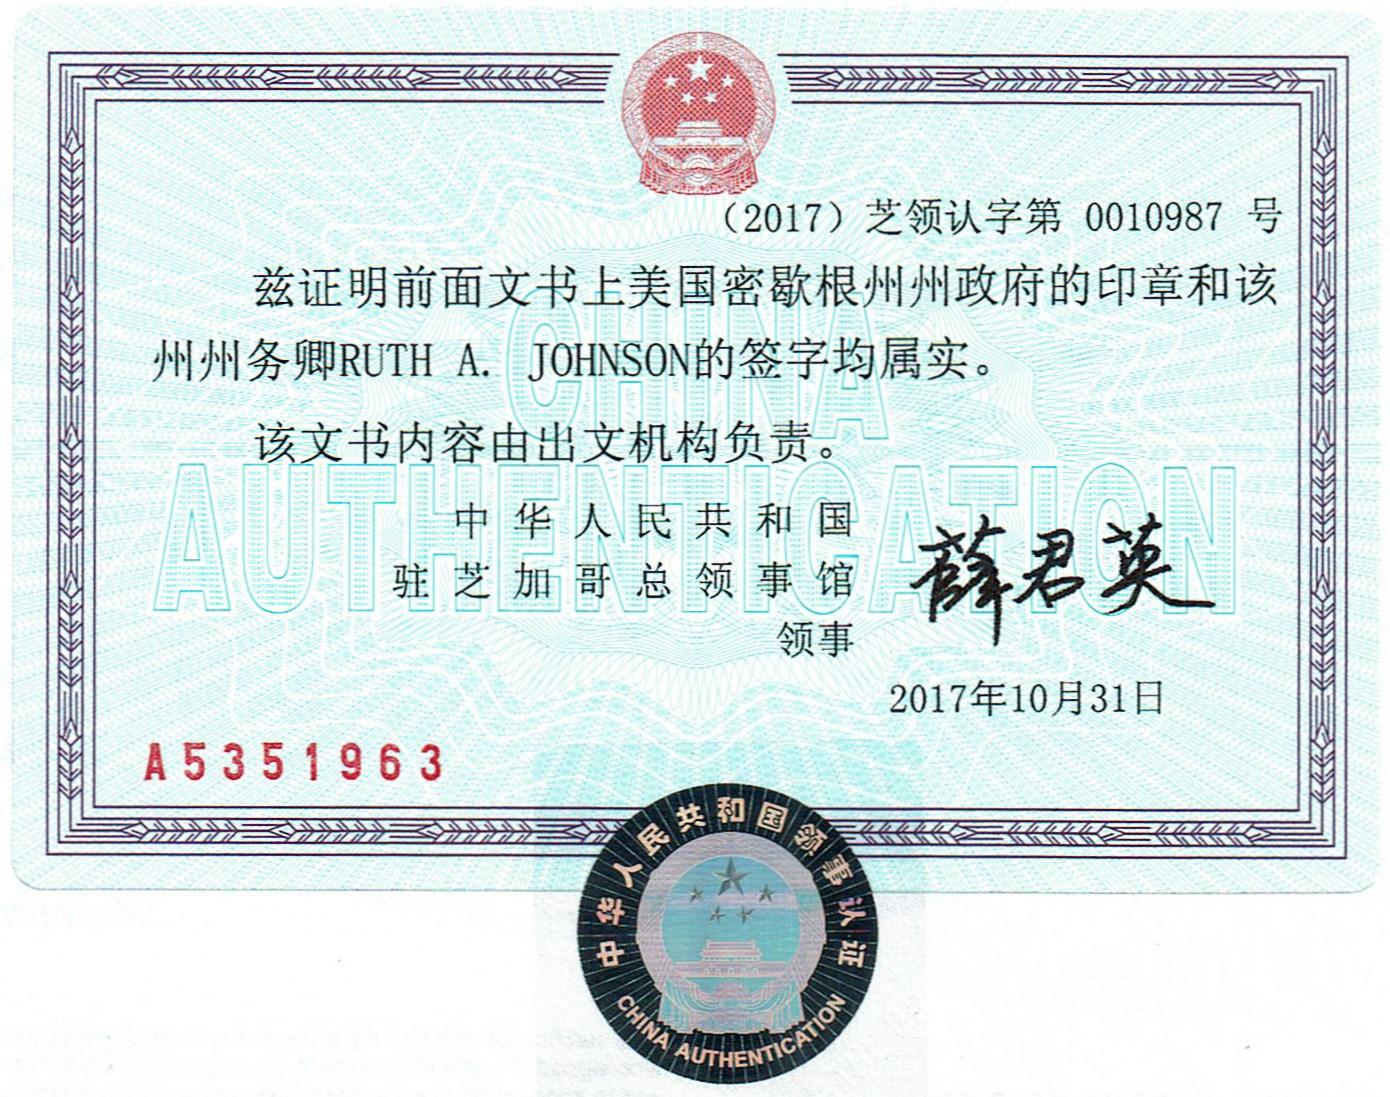 TEFL TESOL легализация в консульстве Китая